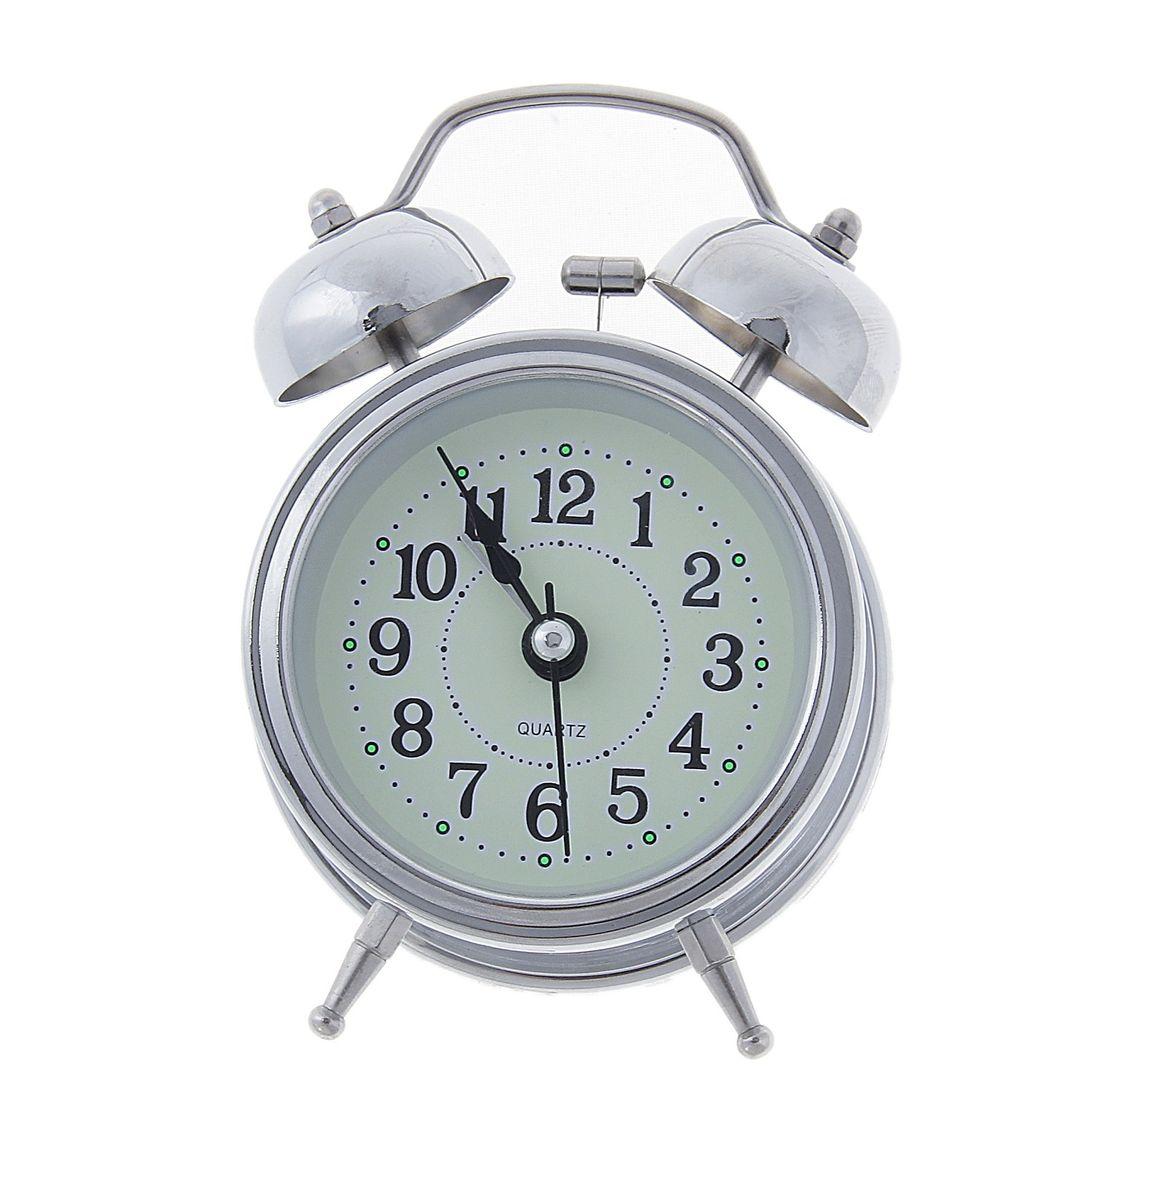 Часы-будильник Sima-land Классика, цвет: серебристый556709Часы-будильник Sima-land Классика - это невероятных размеров устройство, созданноеспециально для тех, кто с трудом просыпается по утрам! Изделие обладает классическим дизайном. Такой будильник станет изюминкой вашего интерьера. Будильник работает от батареек типа АА (в комплект не входят). На задней панелибудильника расположены переключатель включения/выключения механизма, два поворотныхрычага для настройки текущего времени и установки будильника, а также кнопка для включенияподсветки циферблата.